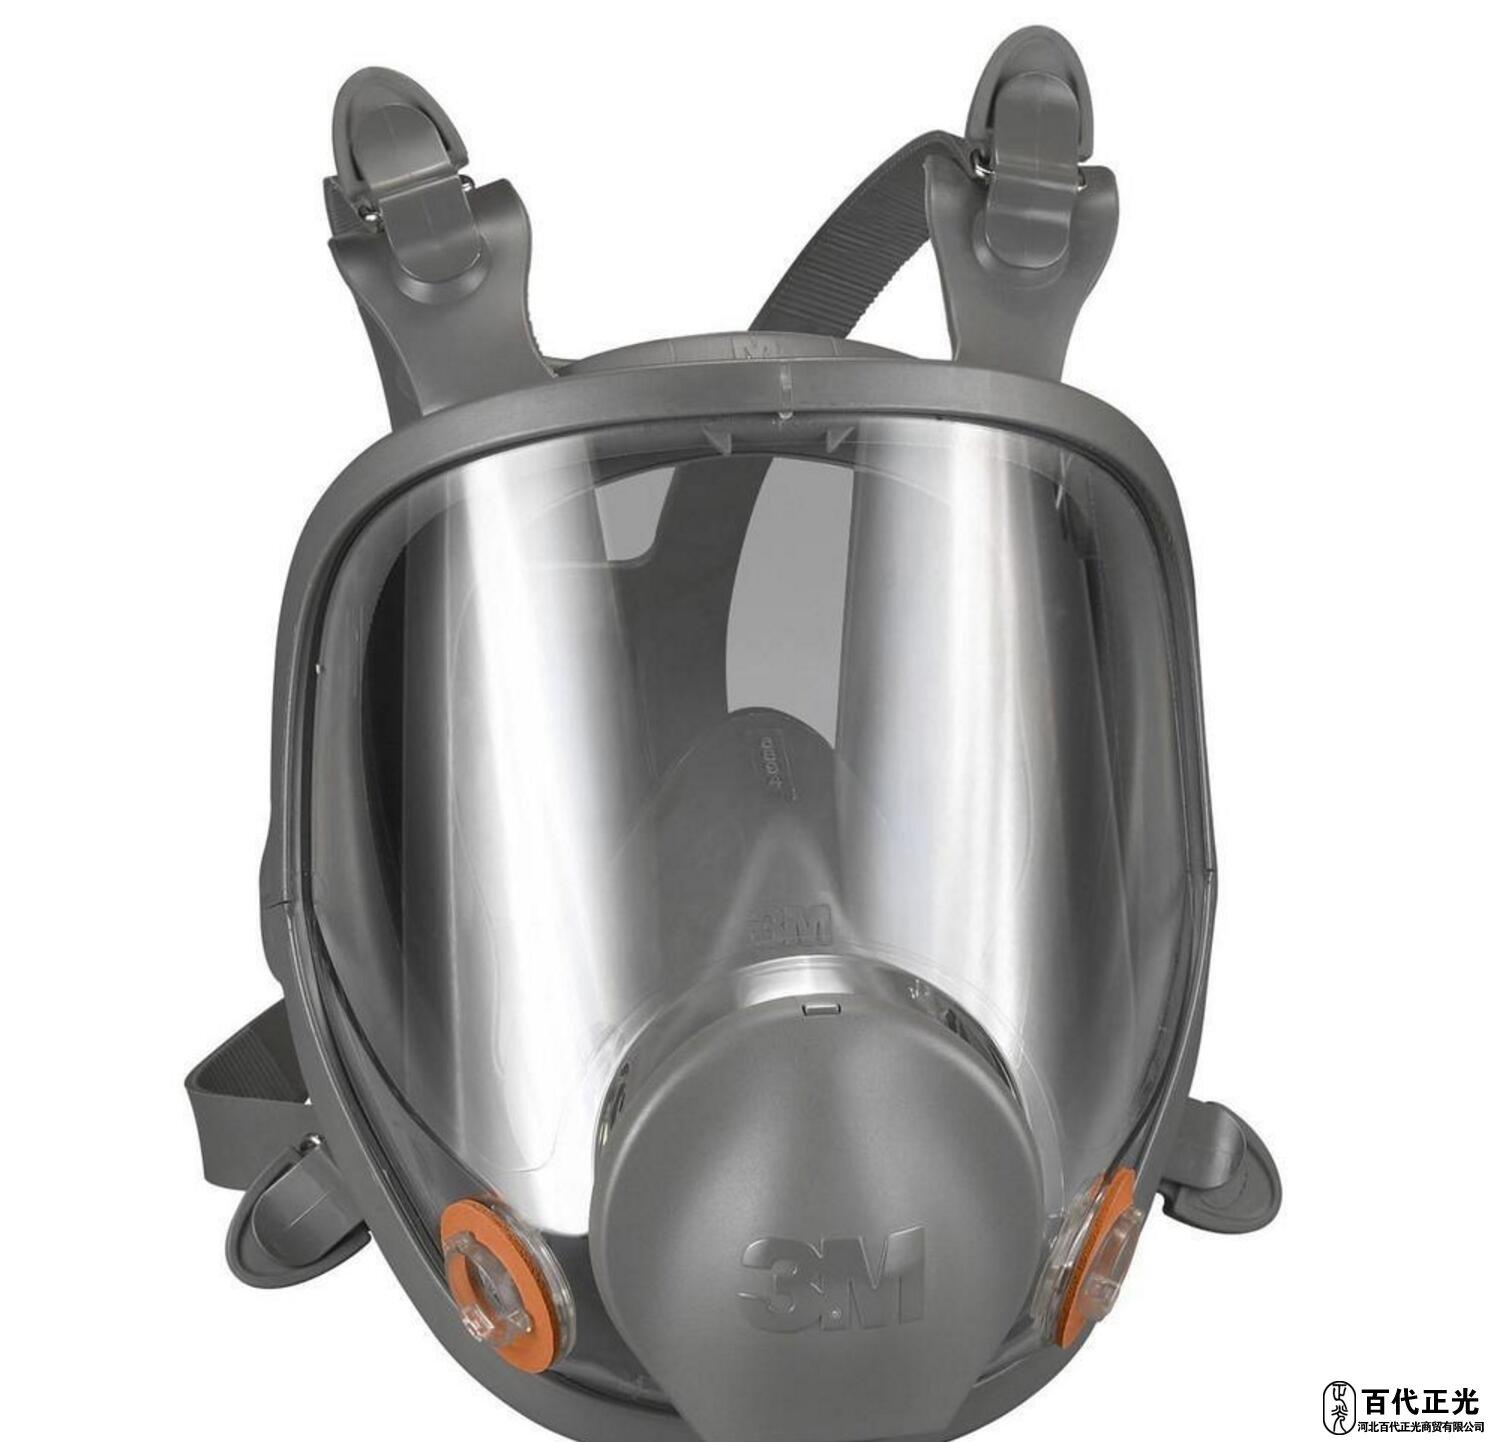 3M防毒面具,防毒面具型號/6800/7502/6200/3200